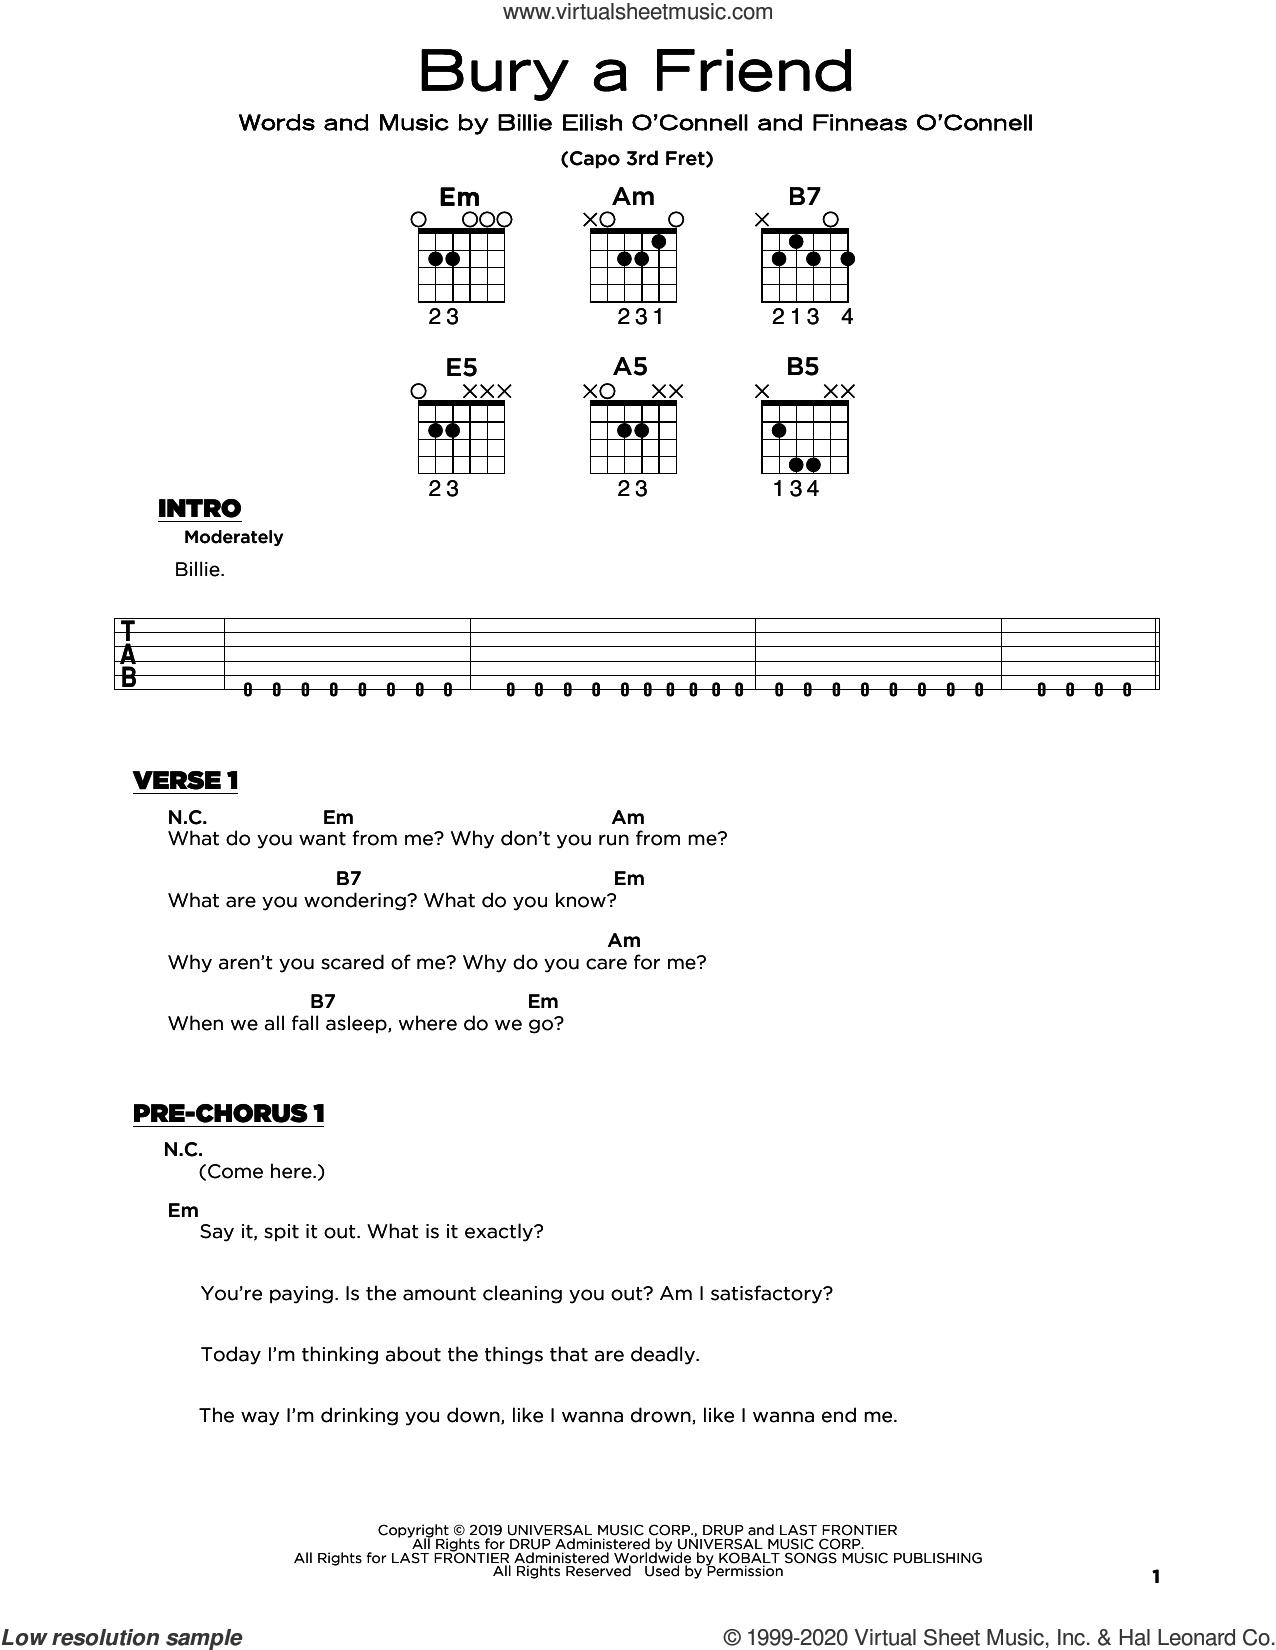 bury a friend sheet music for guitar solo by Billie Eilish, beginner skill level